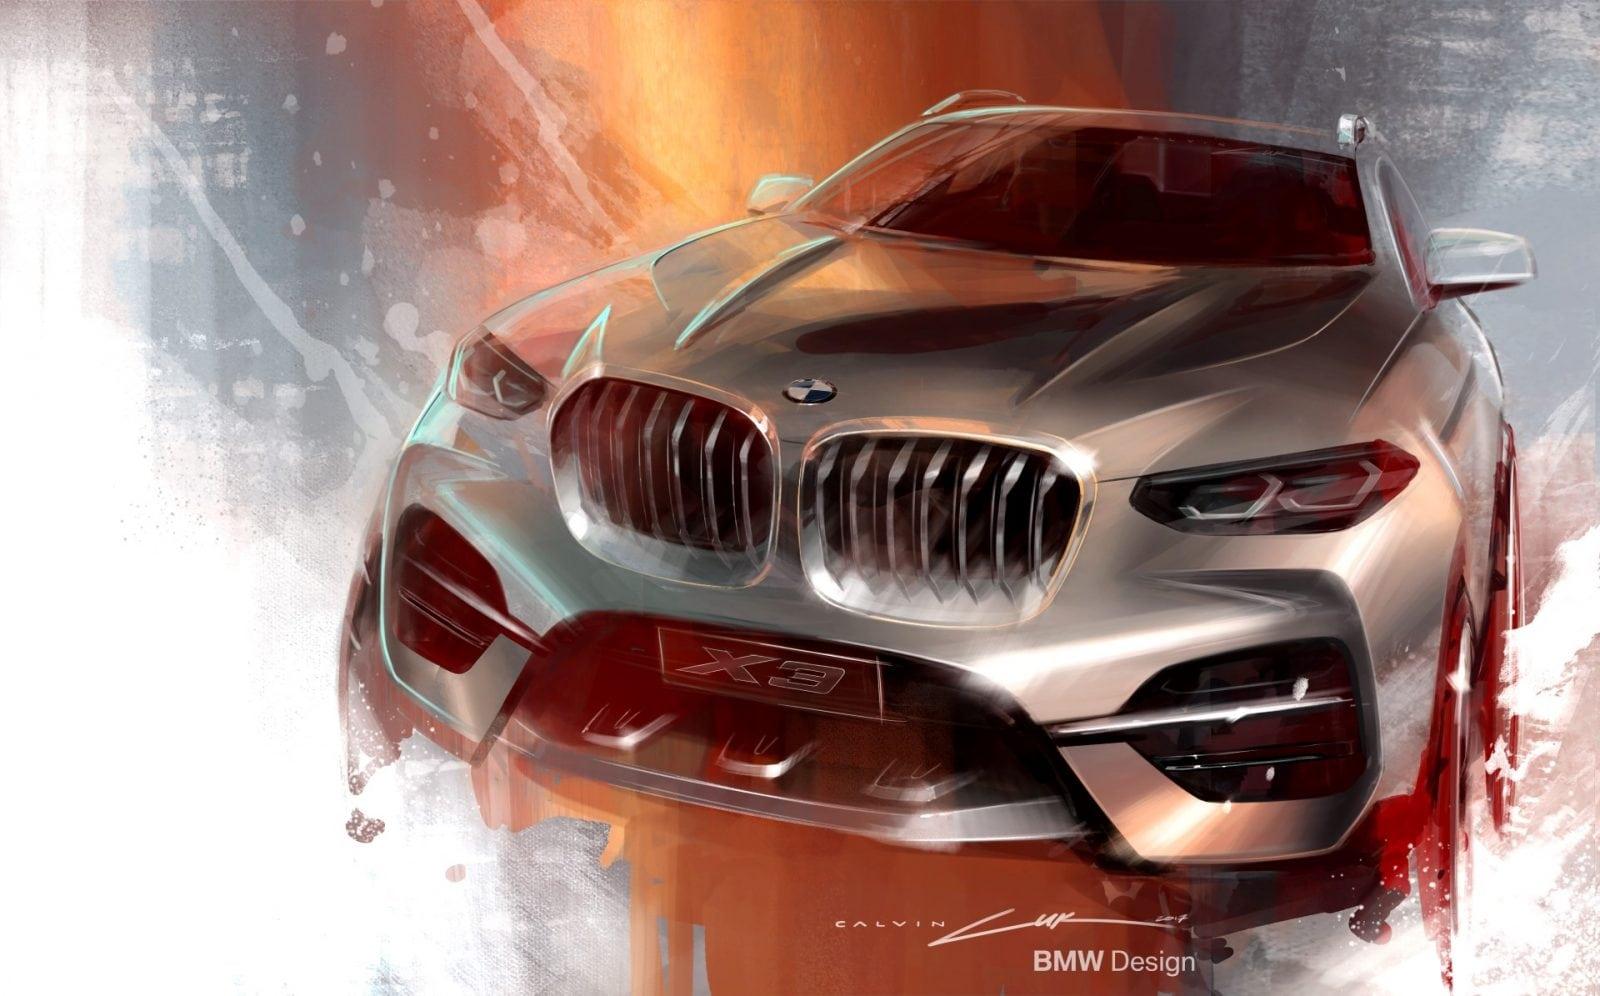 BMW X3 G01 2018 Design Sketches